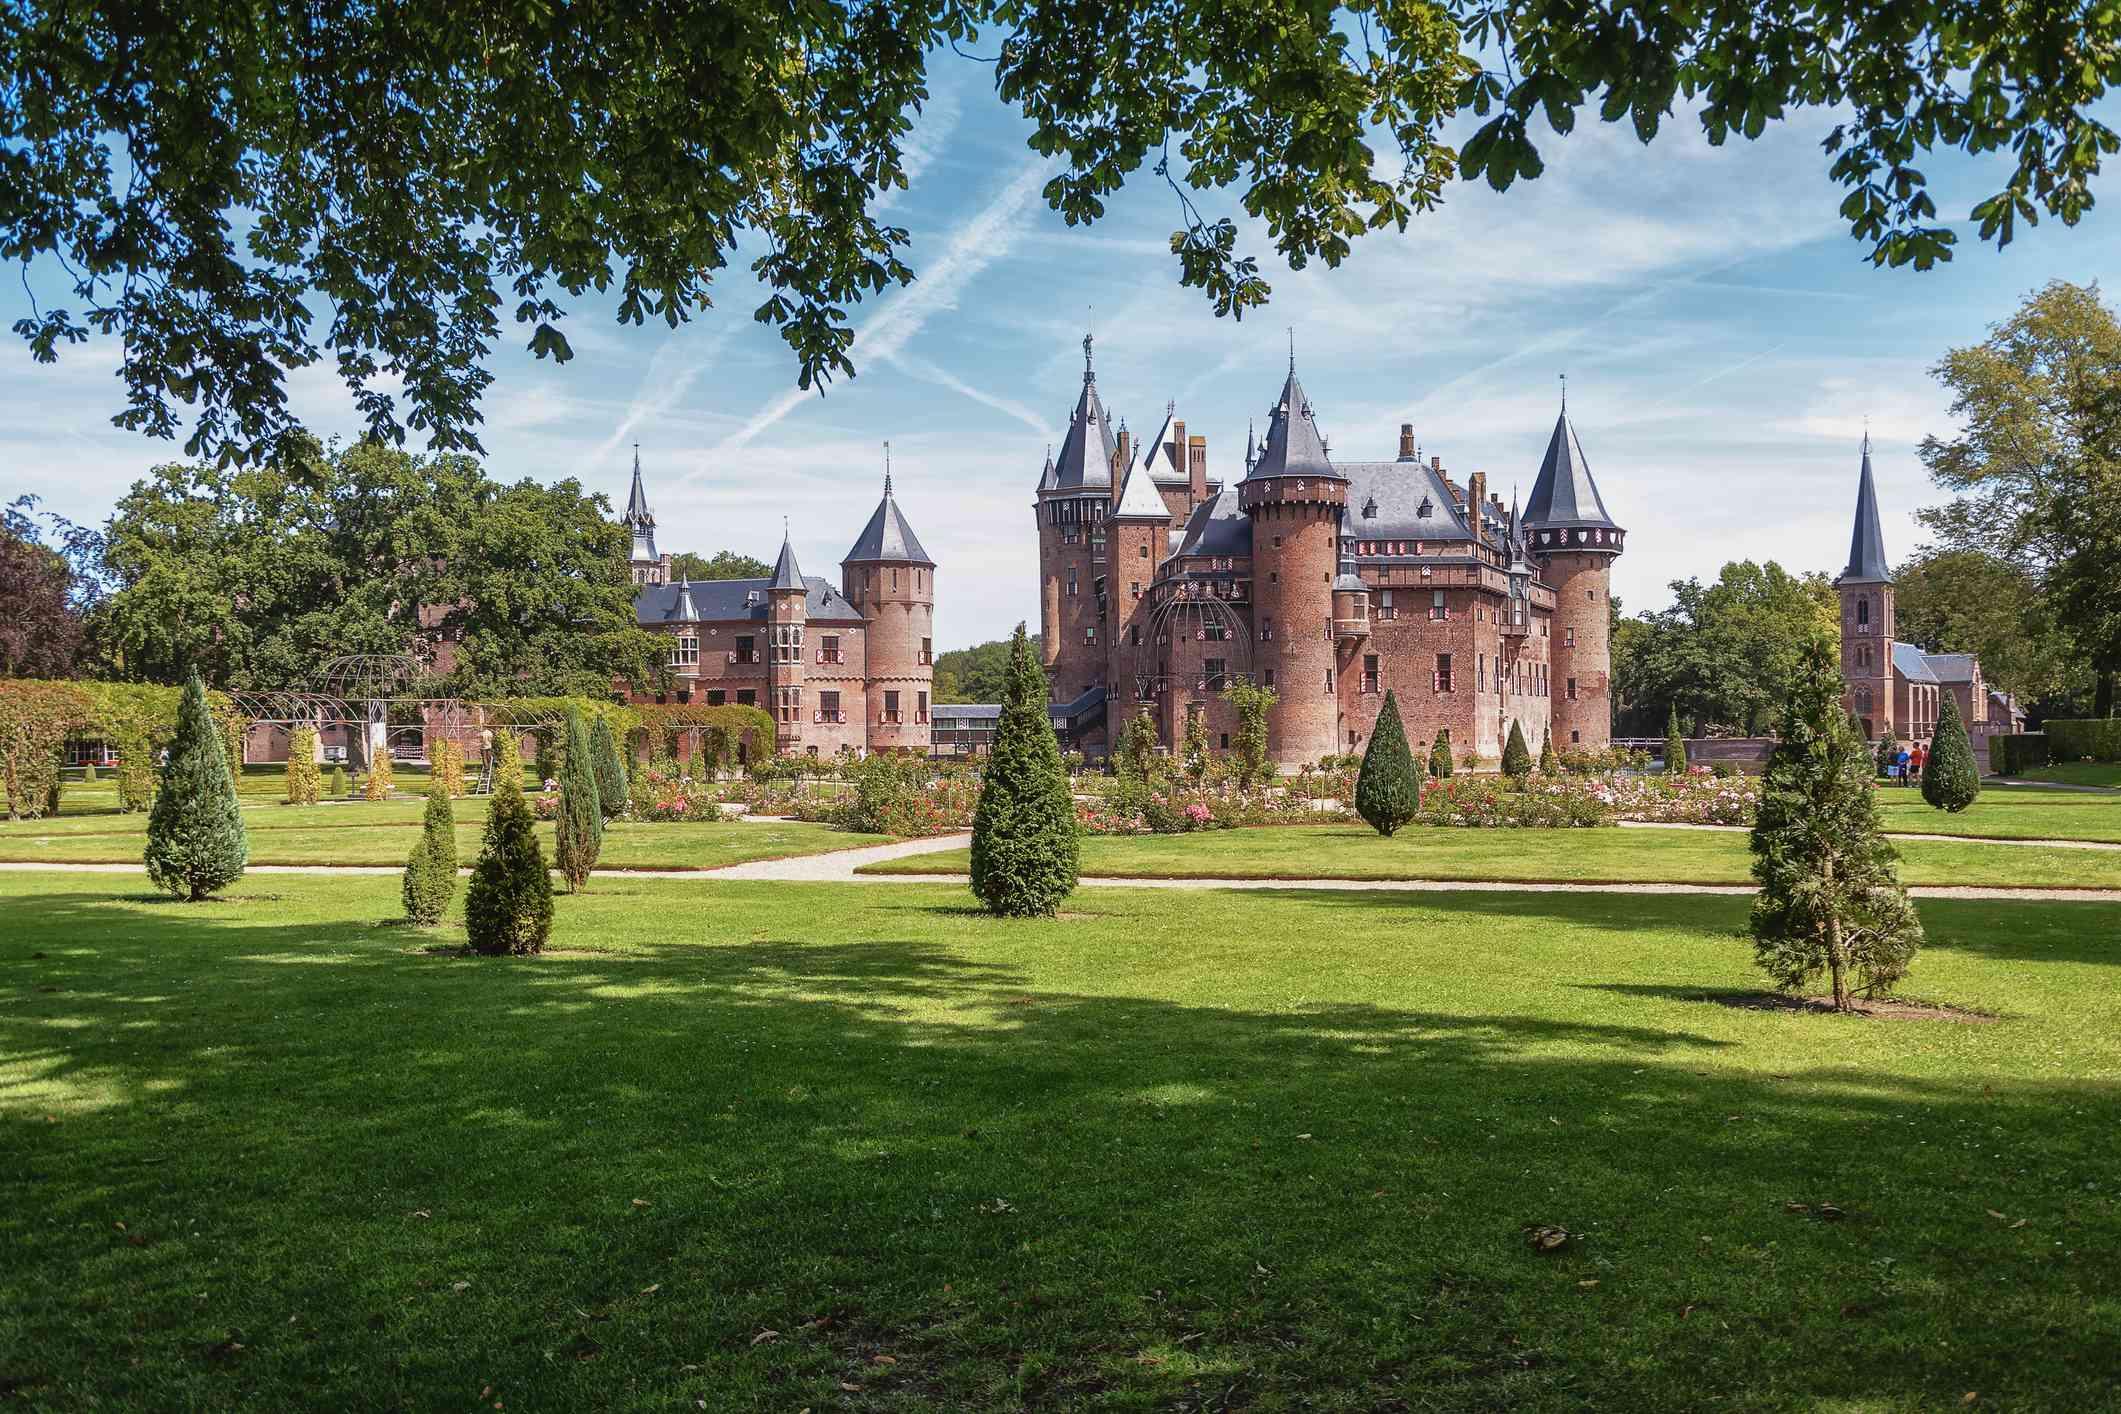 The fairytale Kasteel de Haar is located in the Dutch